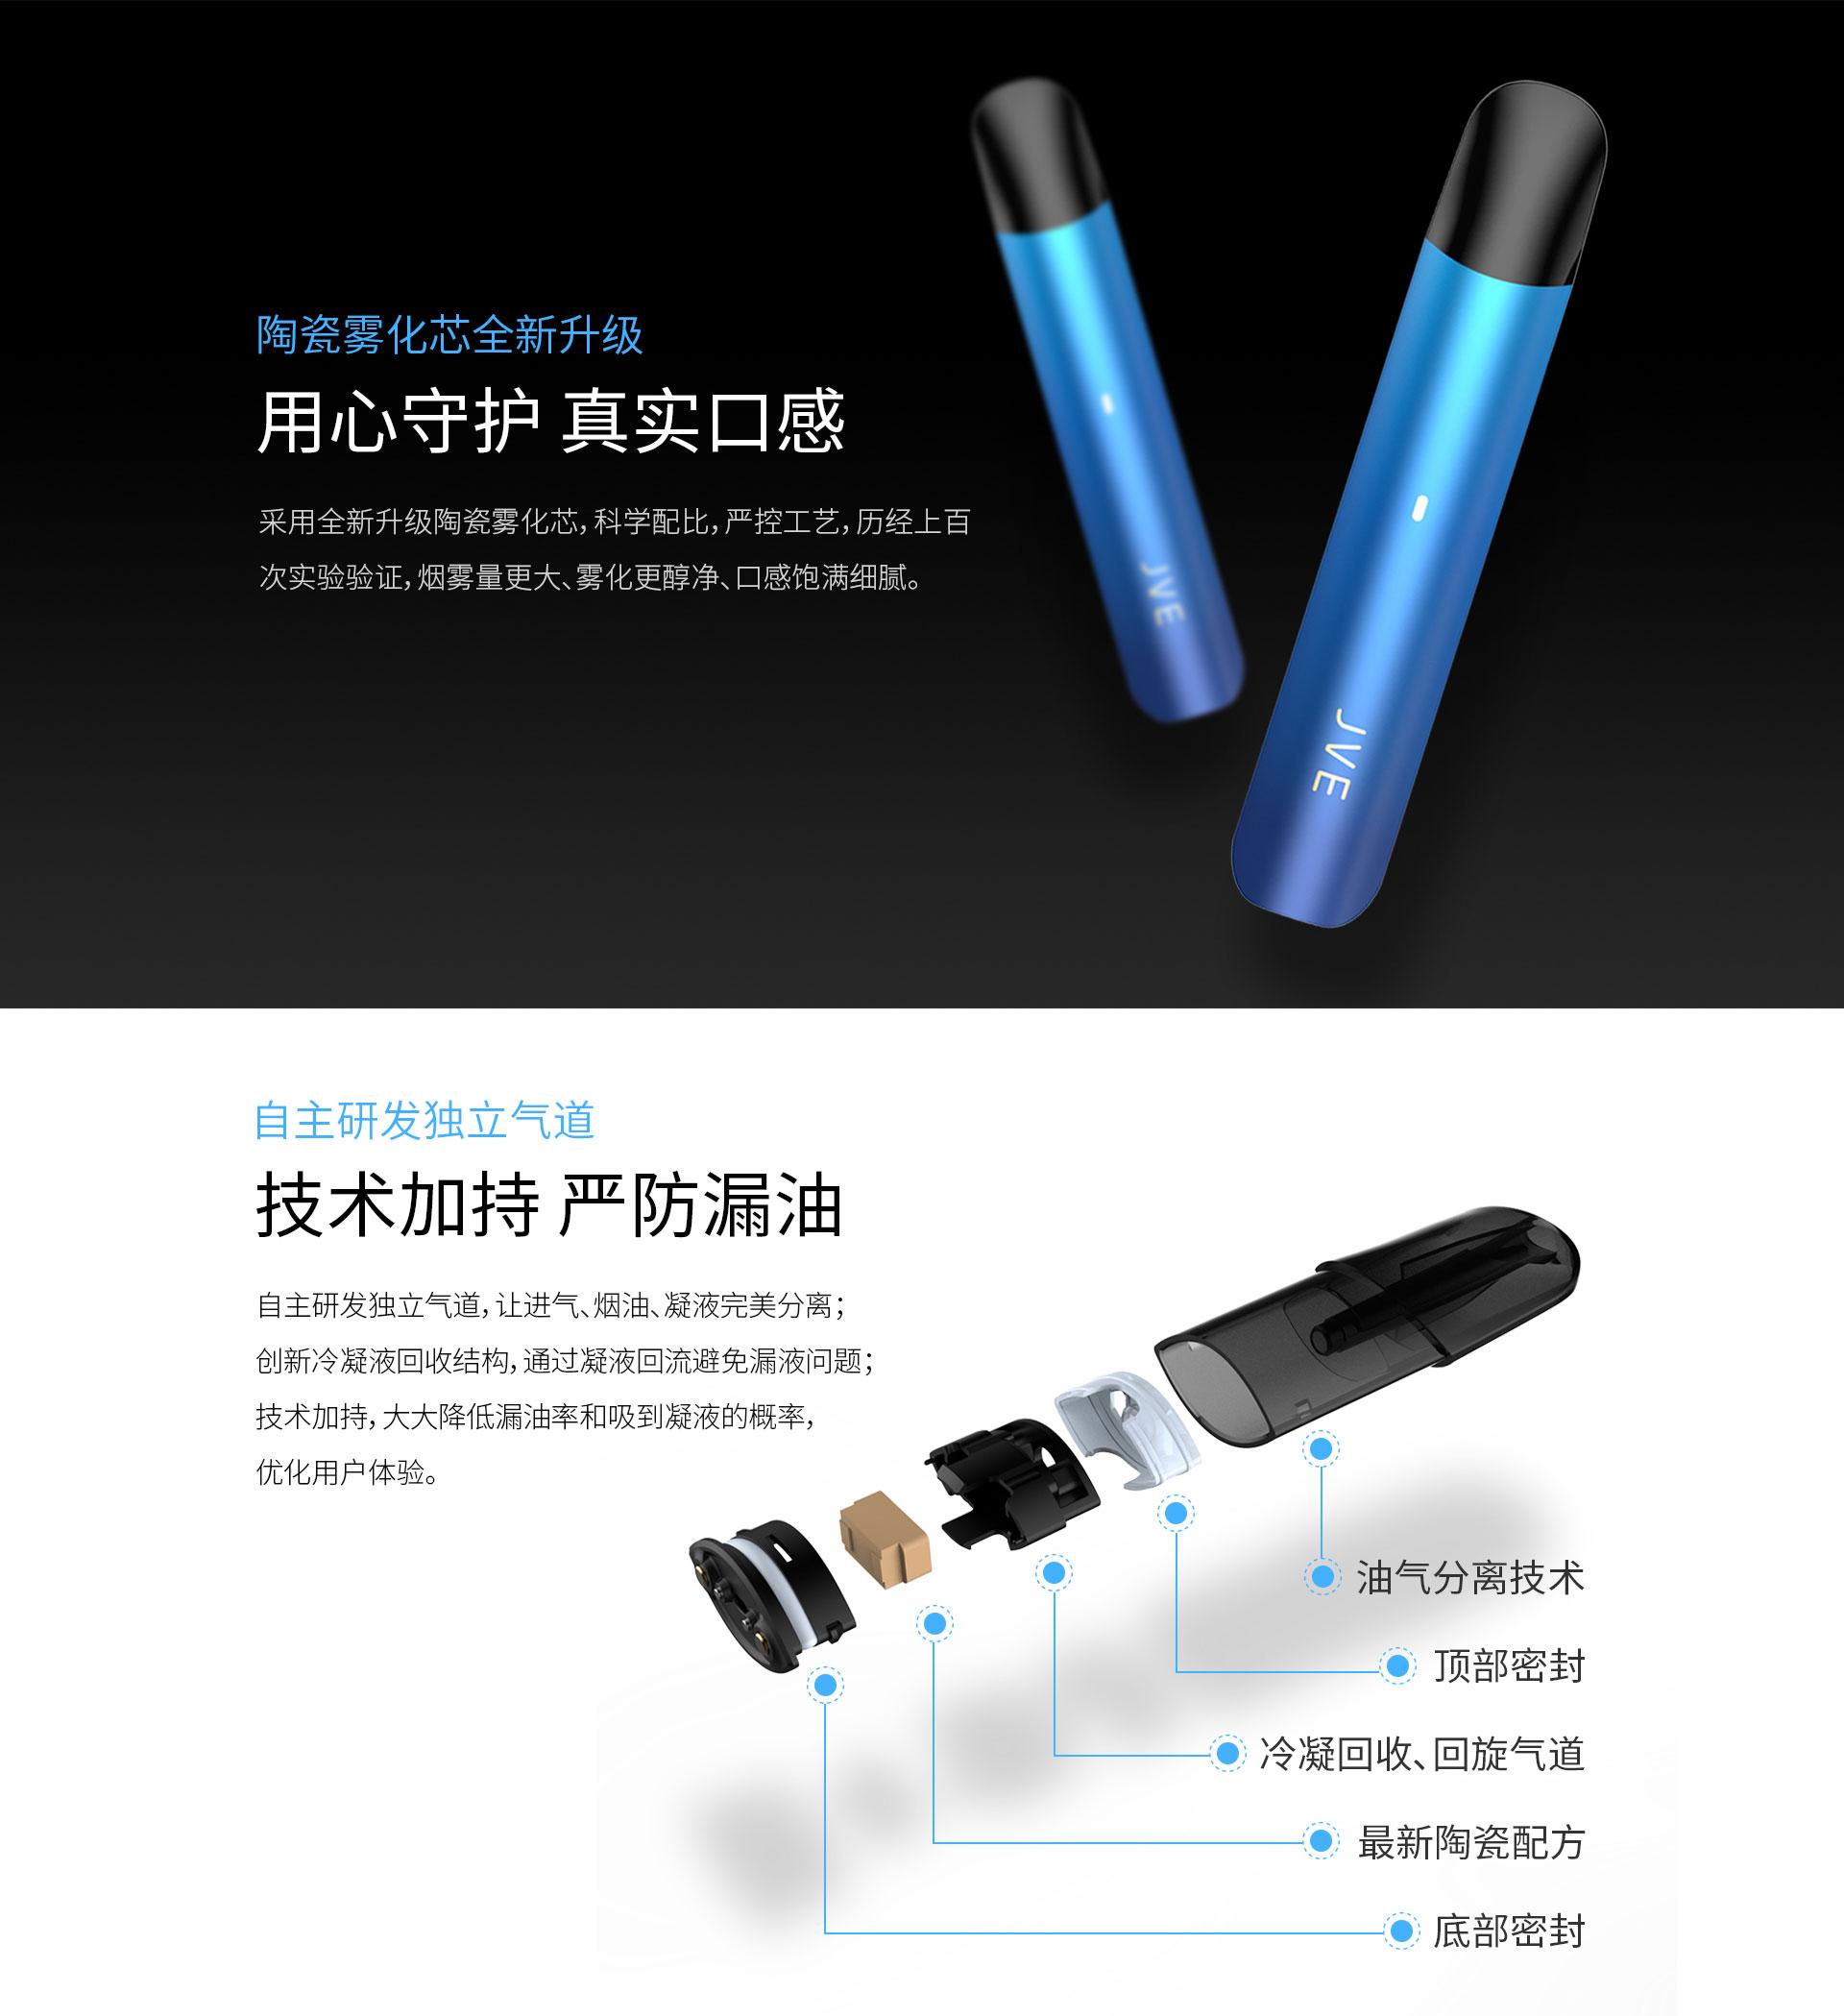 jve非我电子烟1.0雾化器介绍